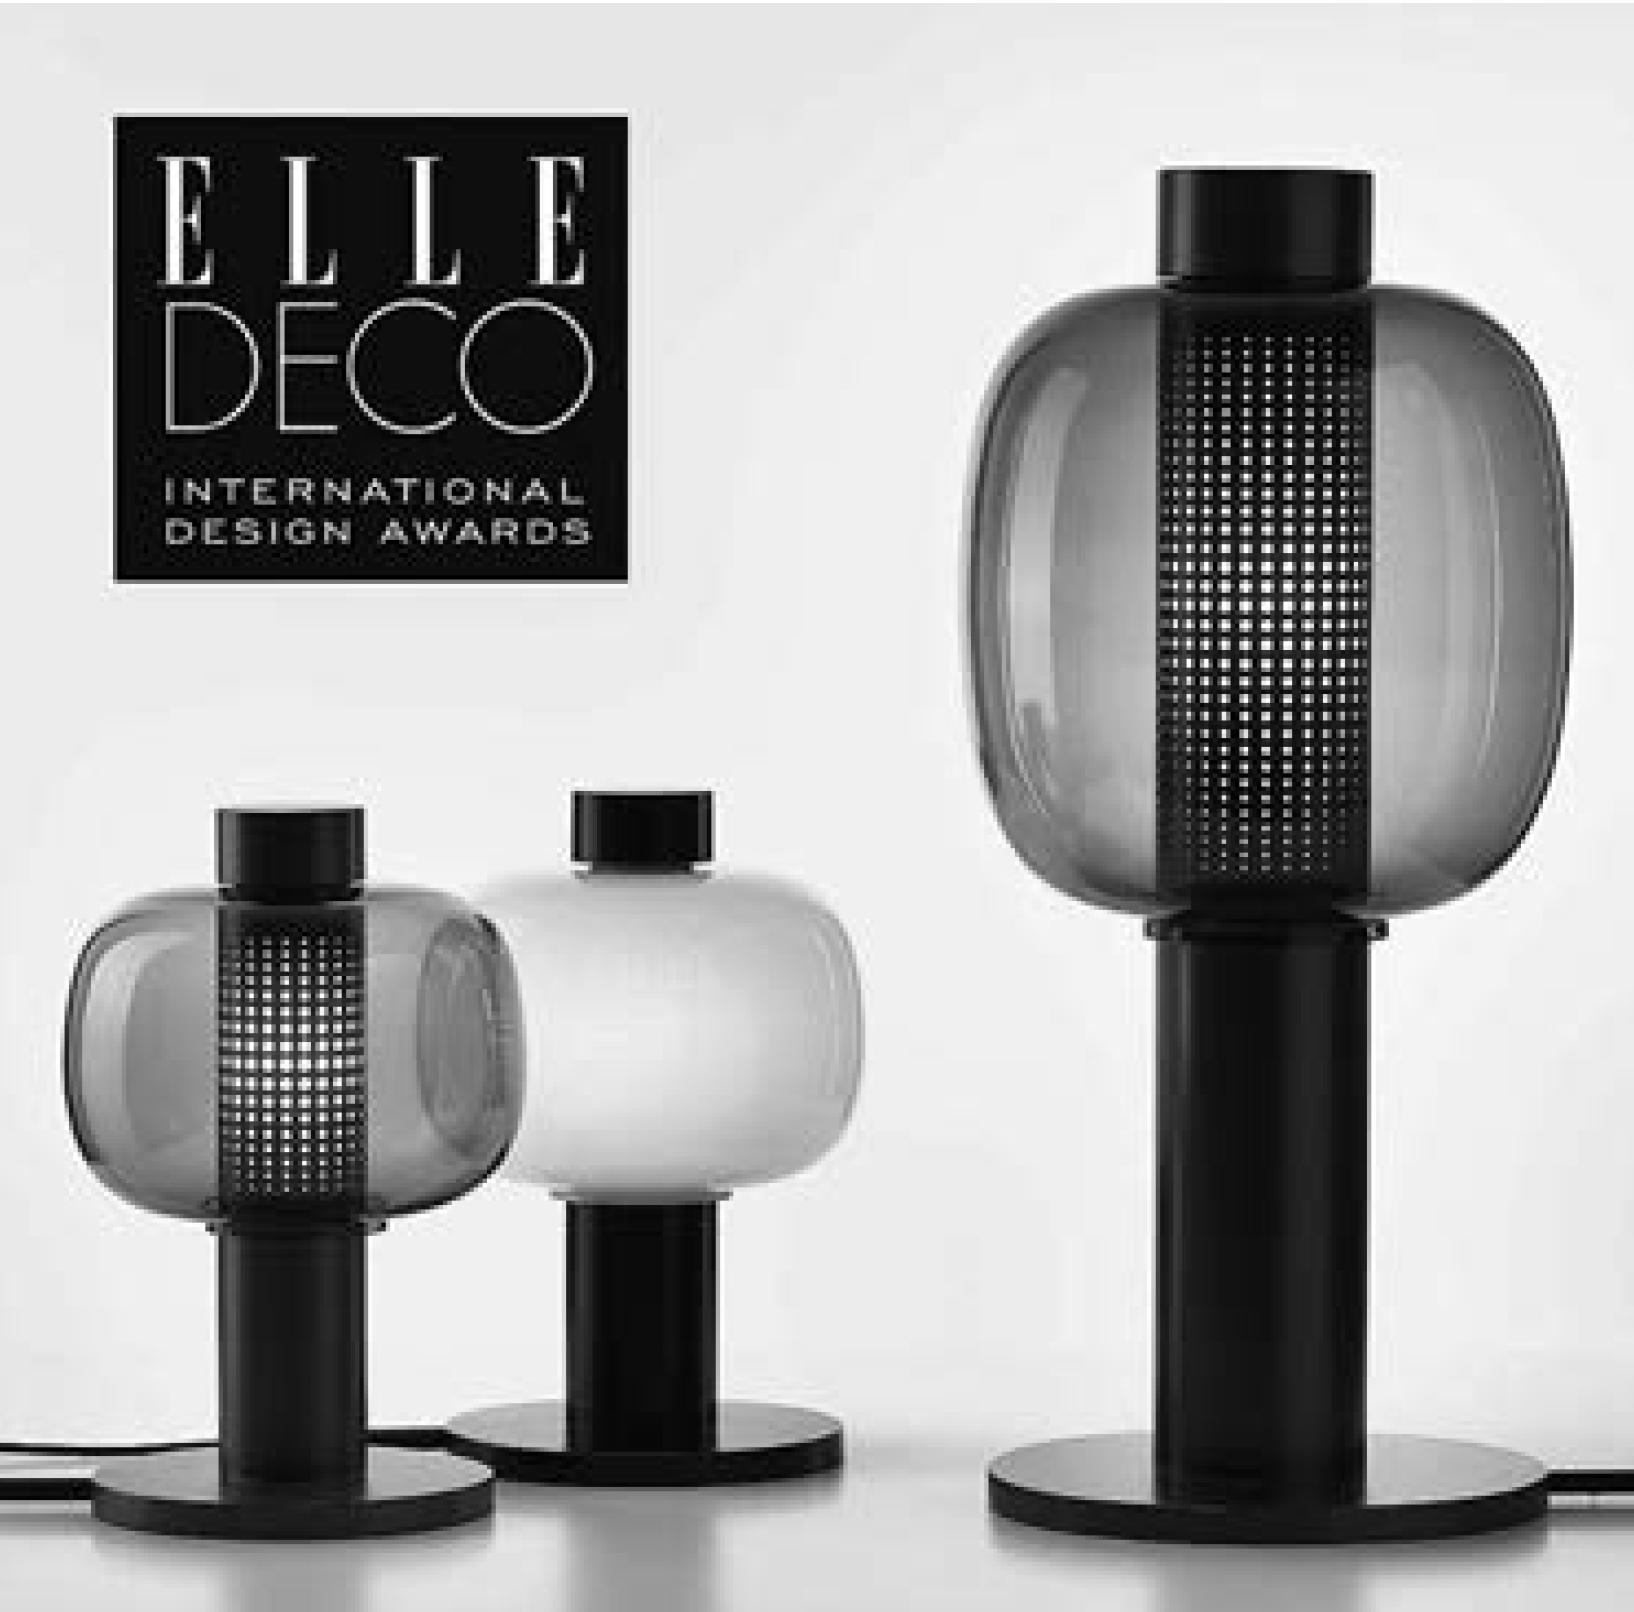 プロダクトデザイナー 柴田文江さん  日本人初 「エル・デコインターナショナルデザイン アワード」照明部門でグランプリを受賞の画像